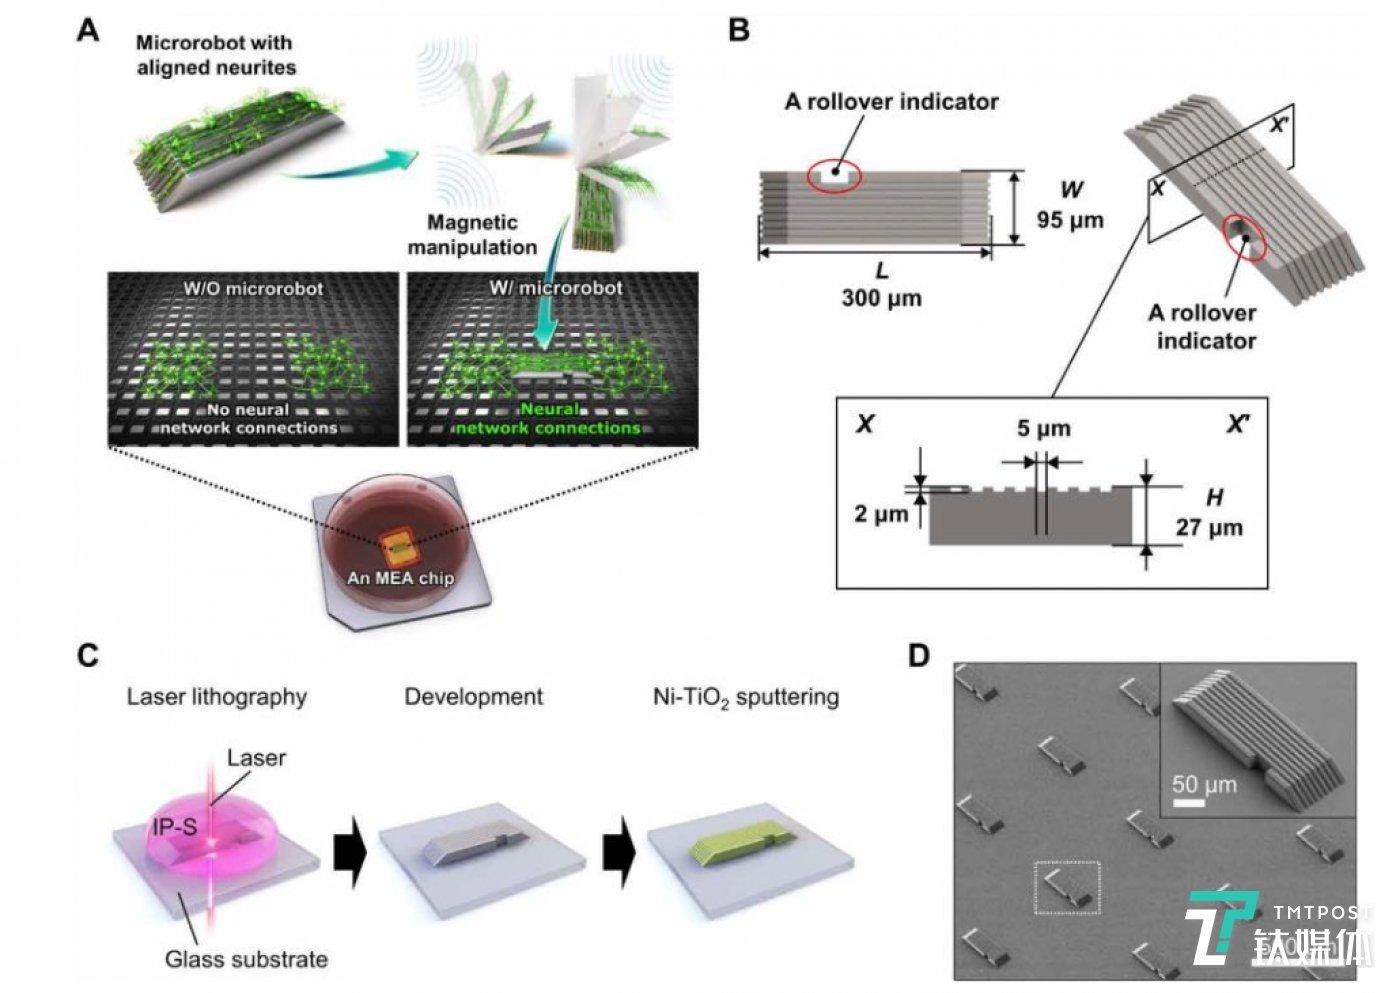 微型机器人的制造过程示意图(来源:论文)